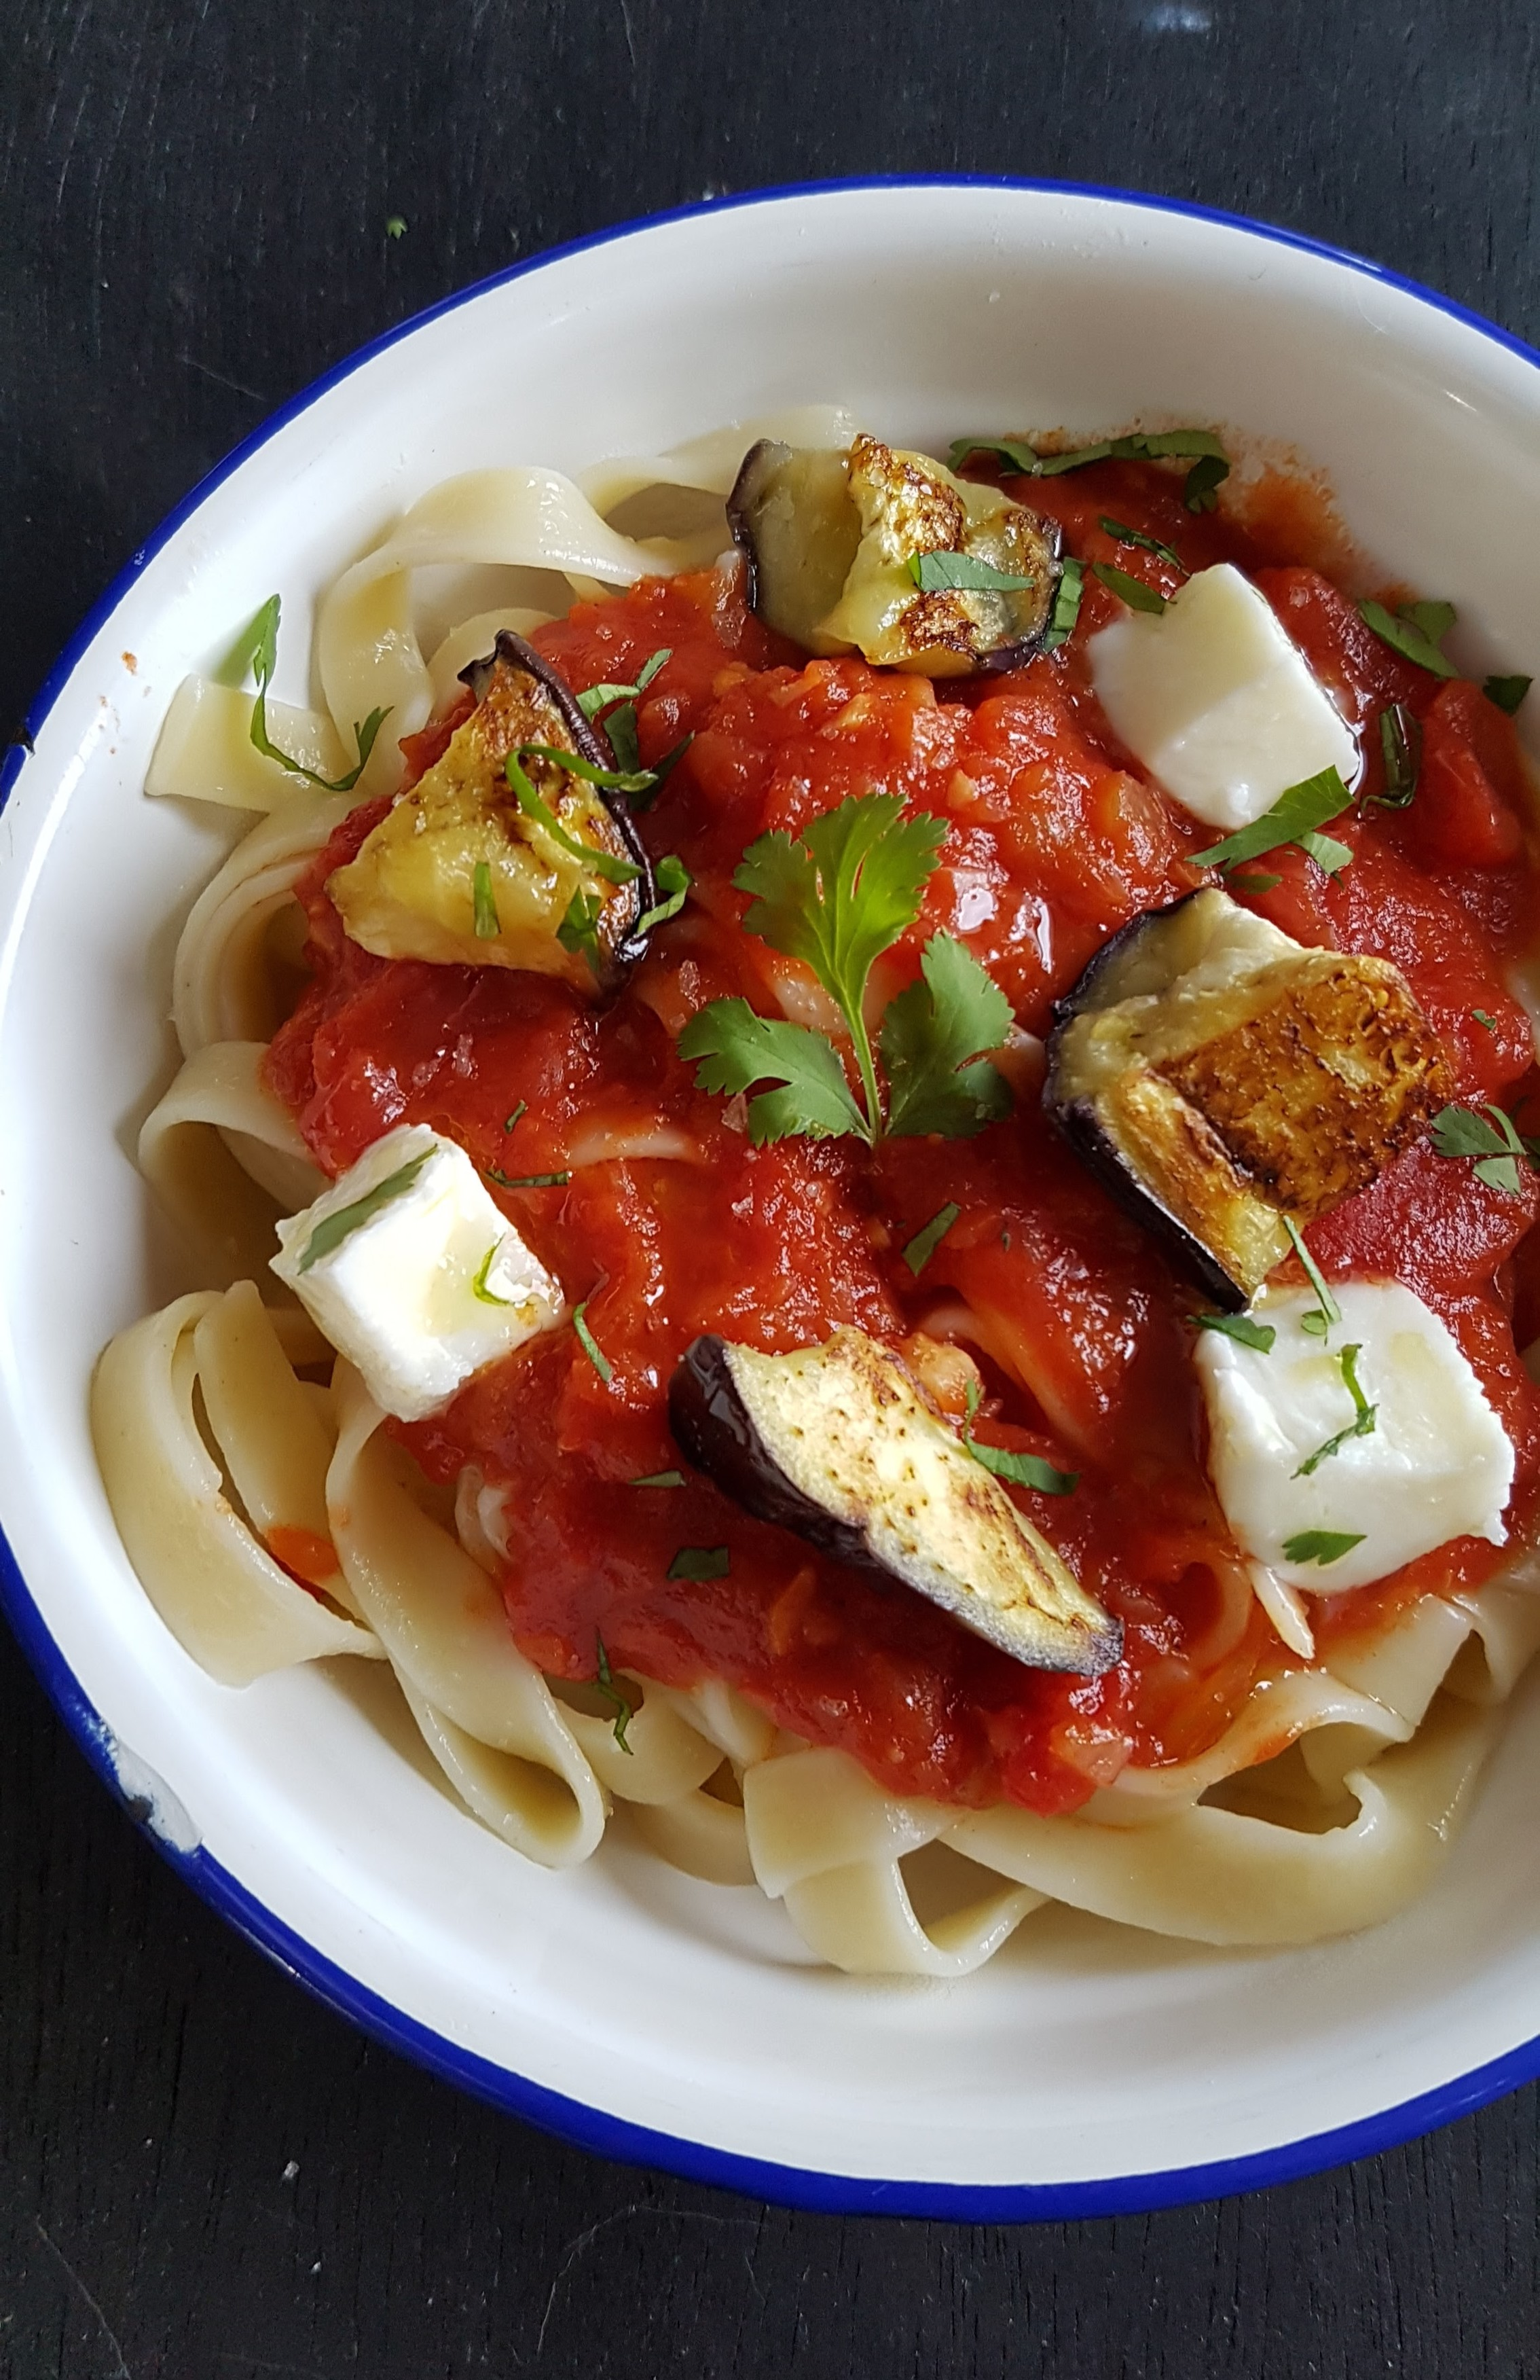 Recette de p tes sauce tomate et aubergines grill es - Recettes de langoustes grillees ...